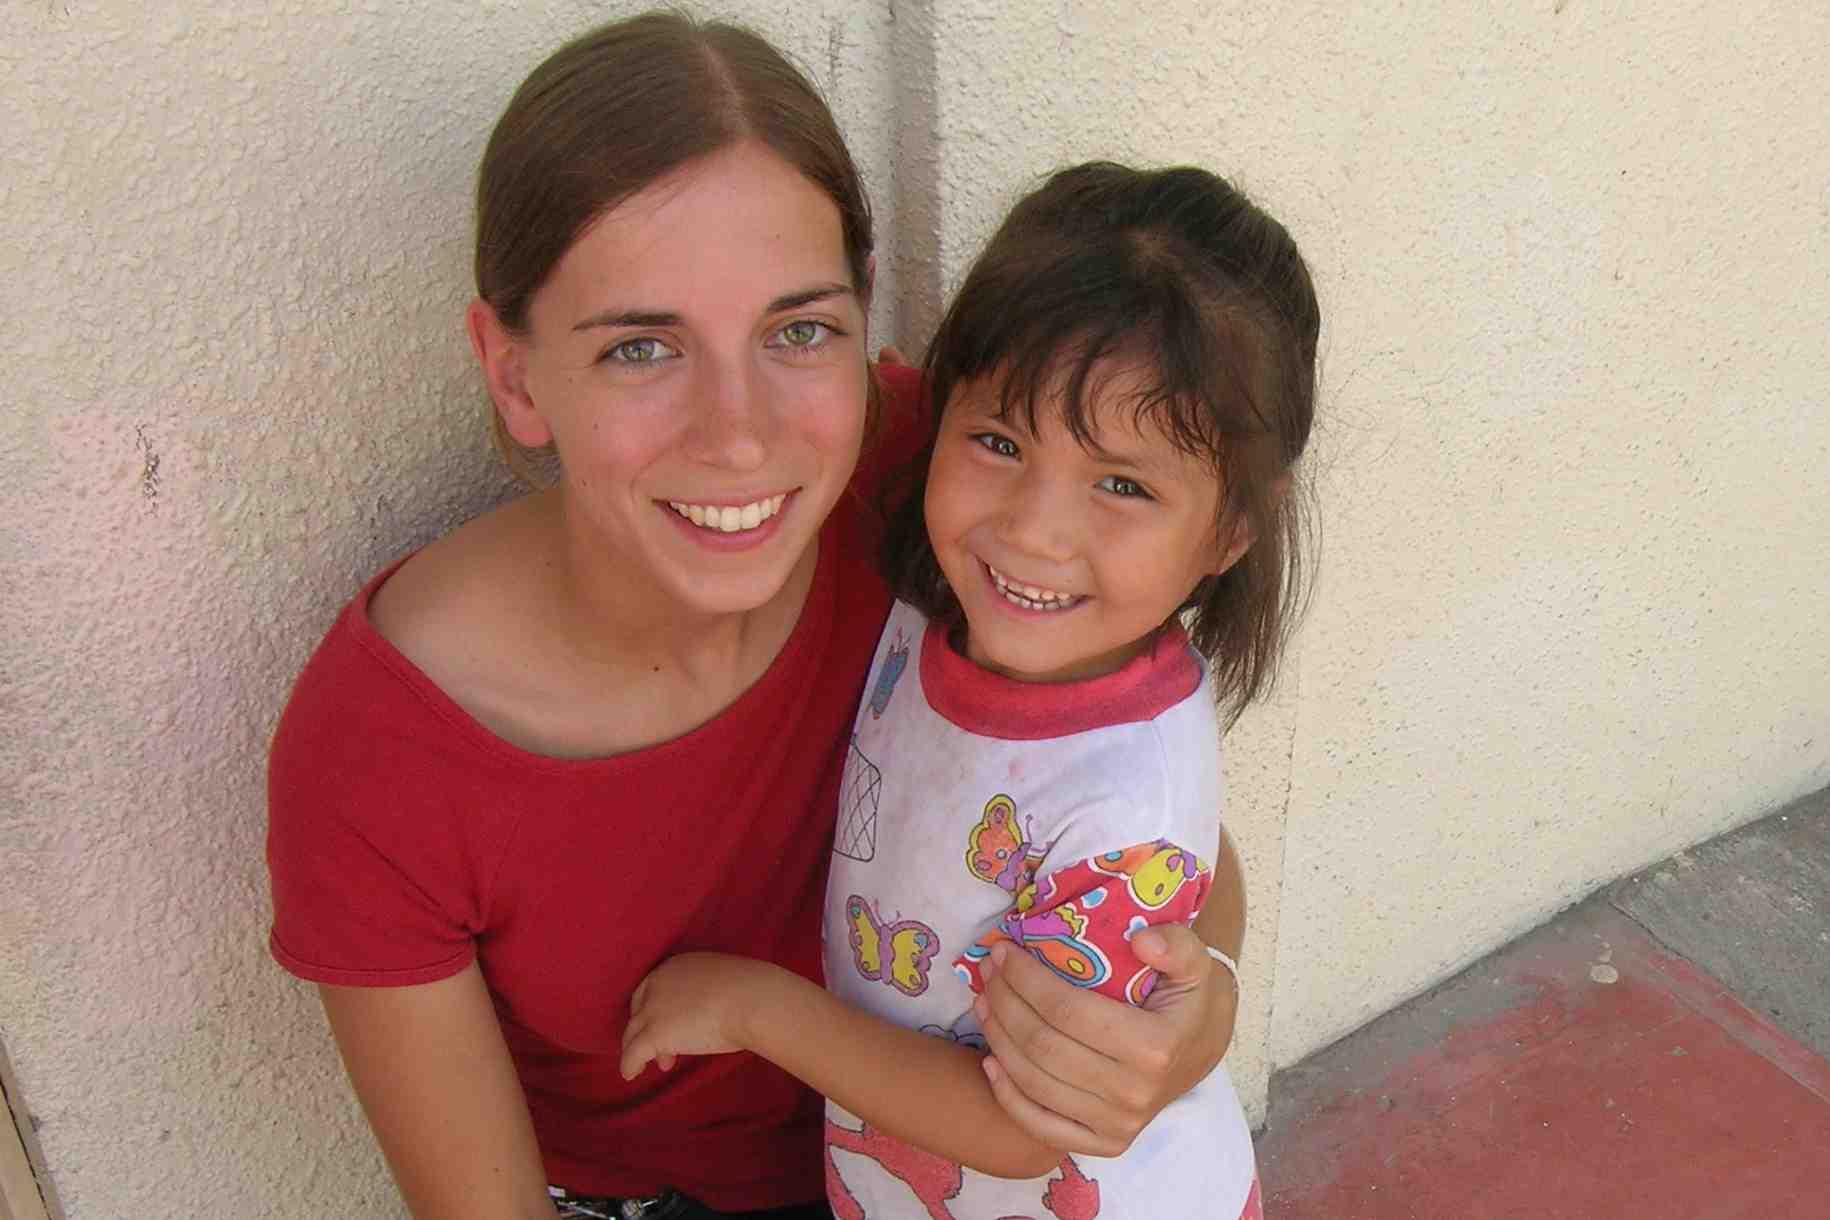 Erin & child - sml.jpg